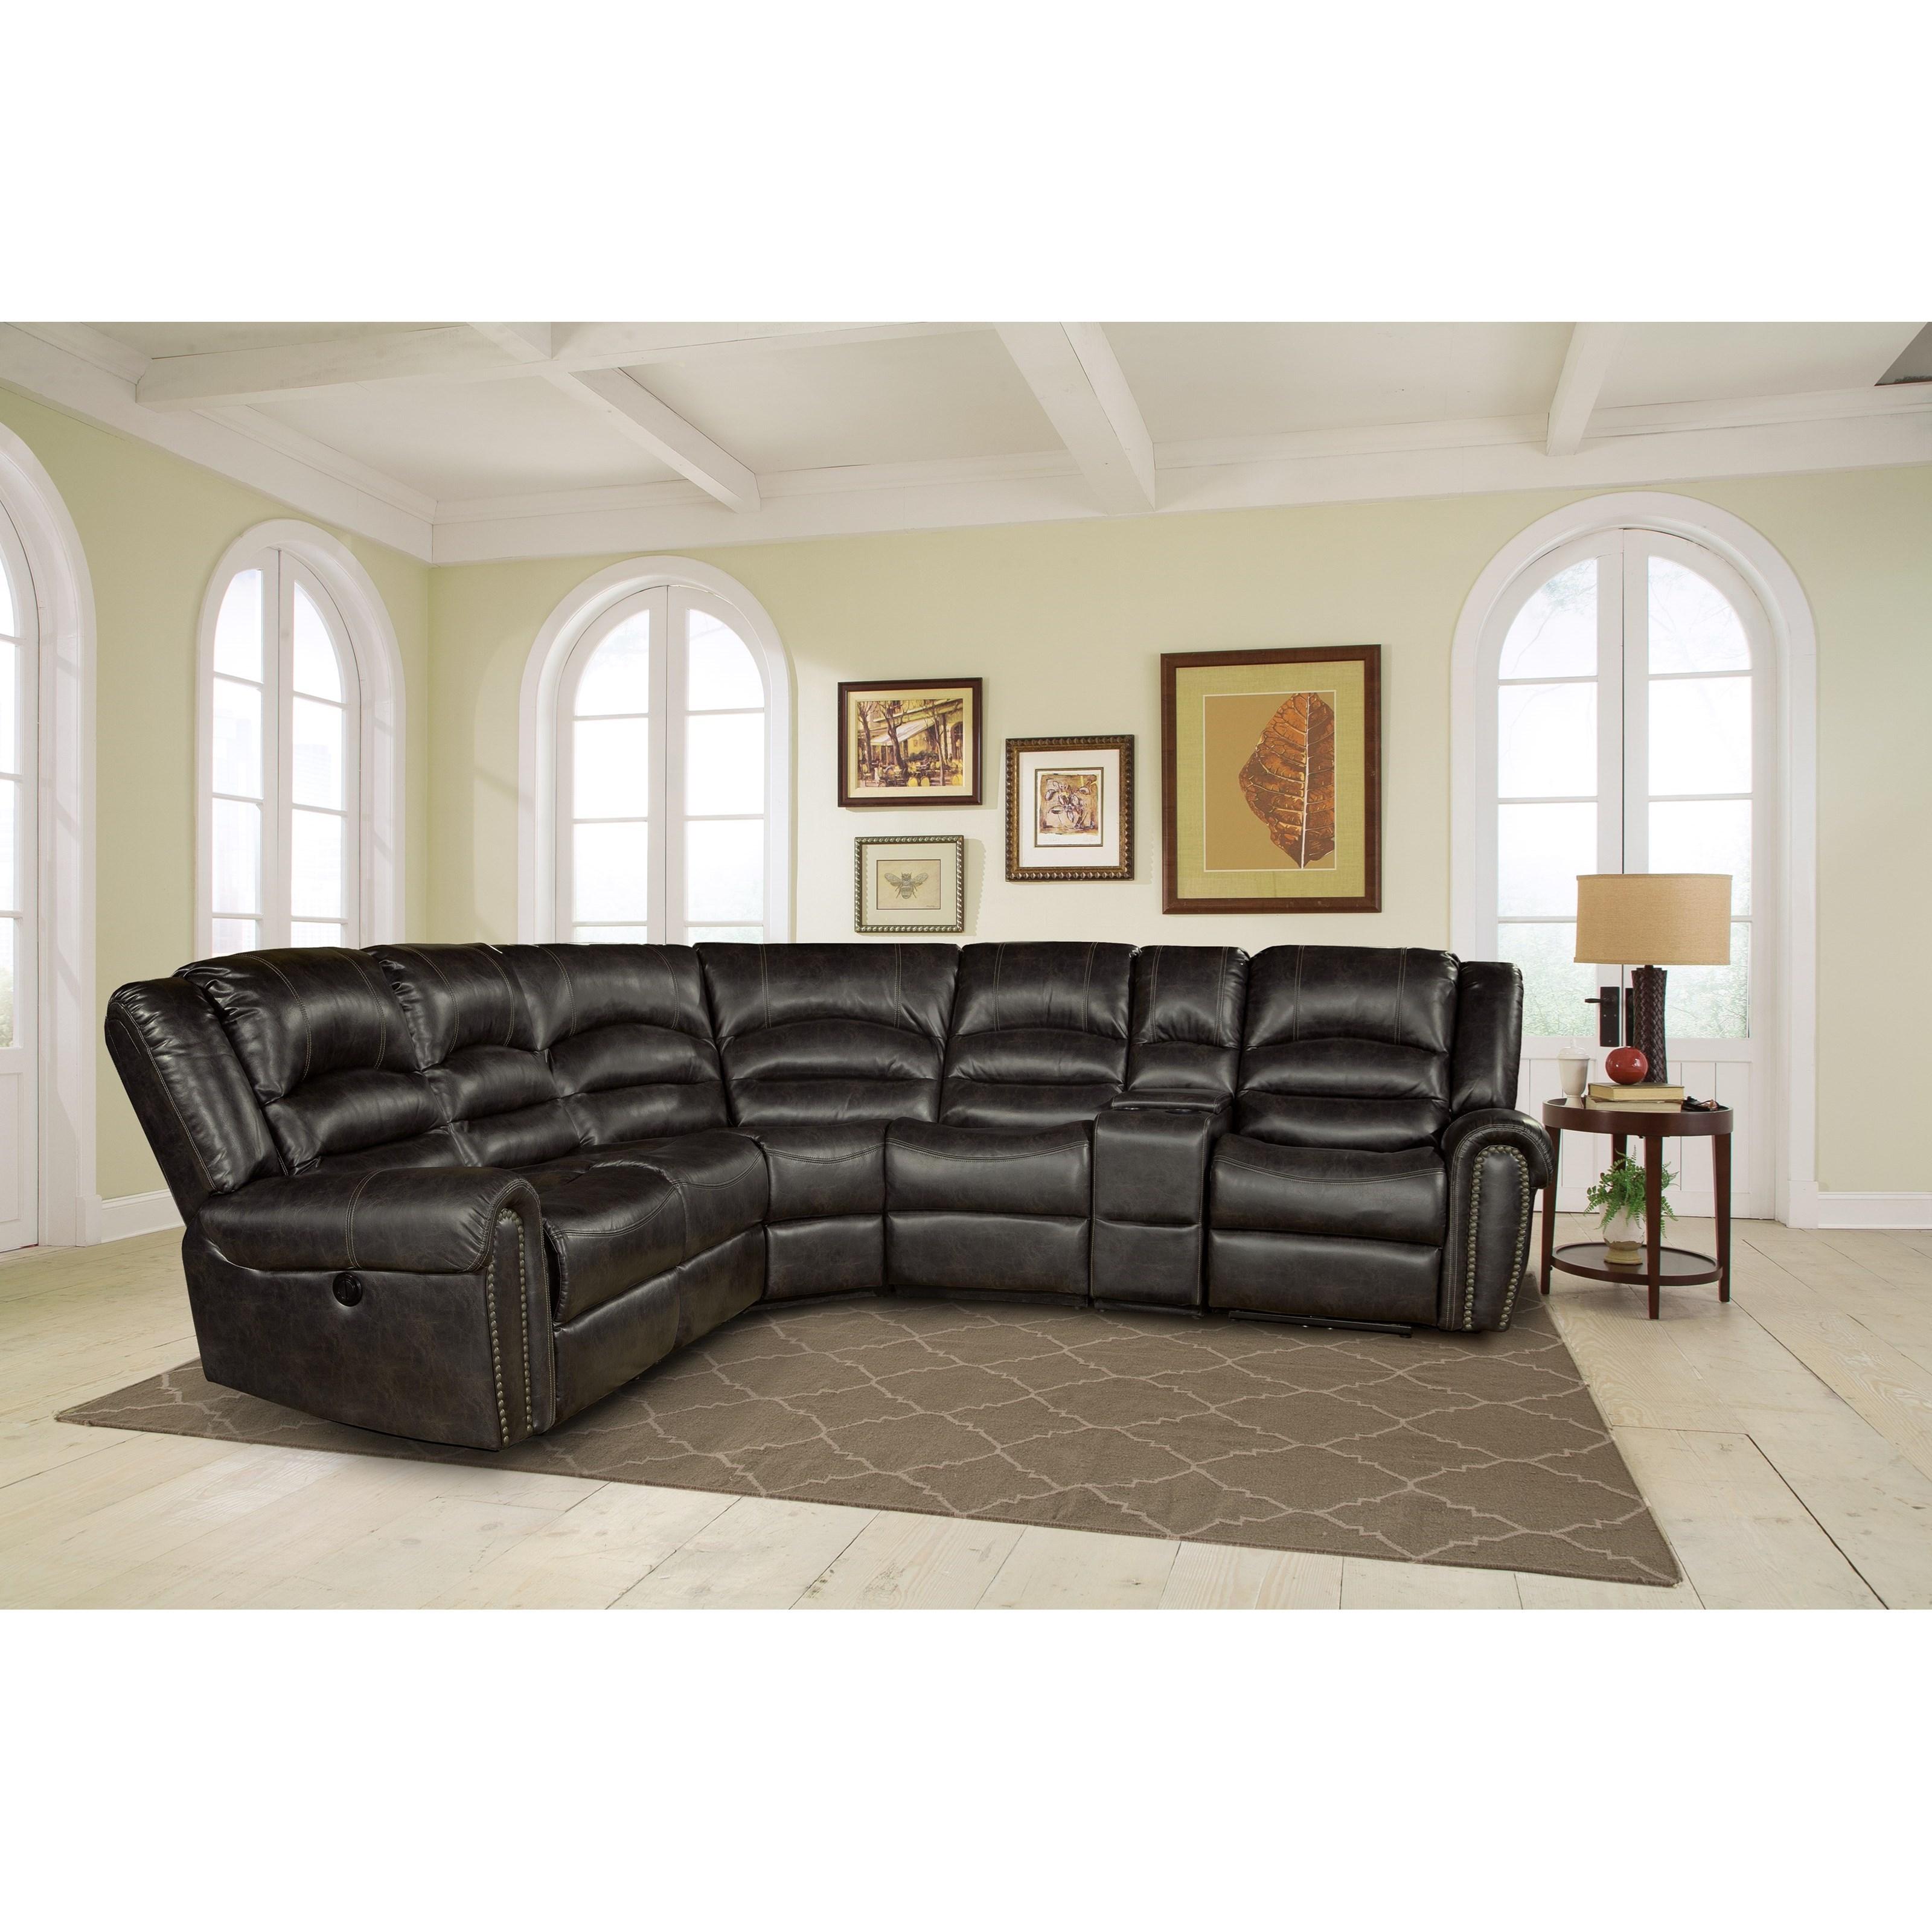 Parker Living Gershwin Sectional Sofa - Item Number: MGER-PACKA-EM